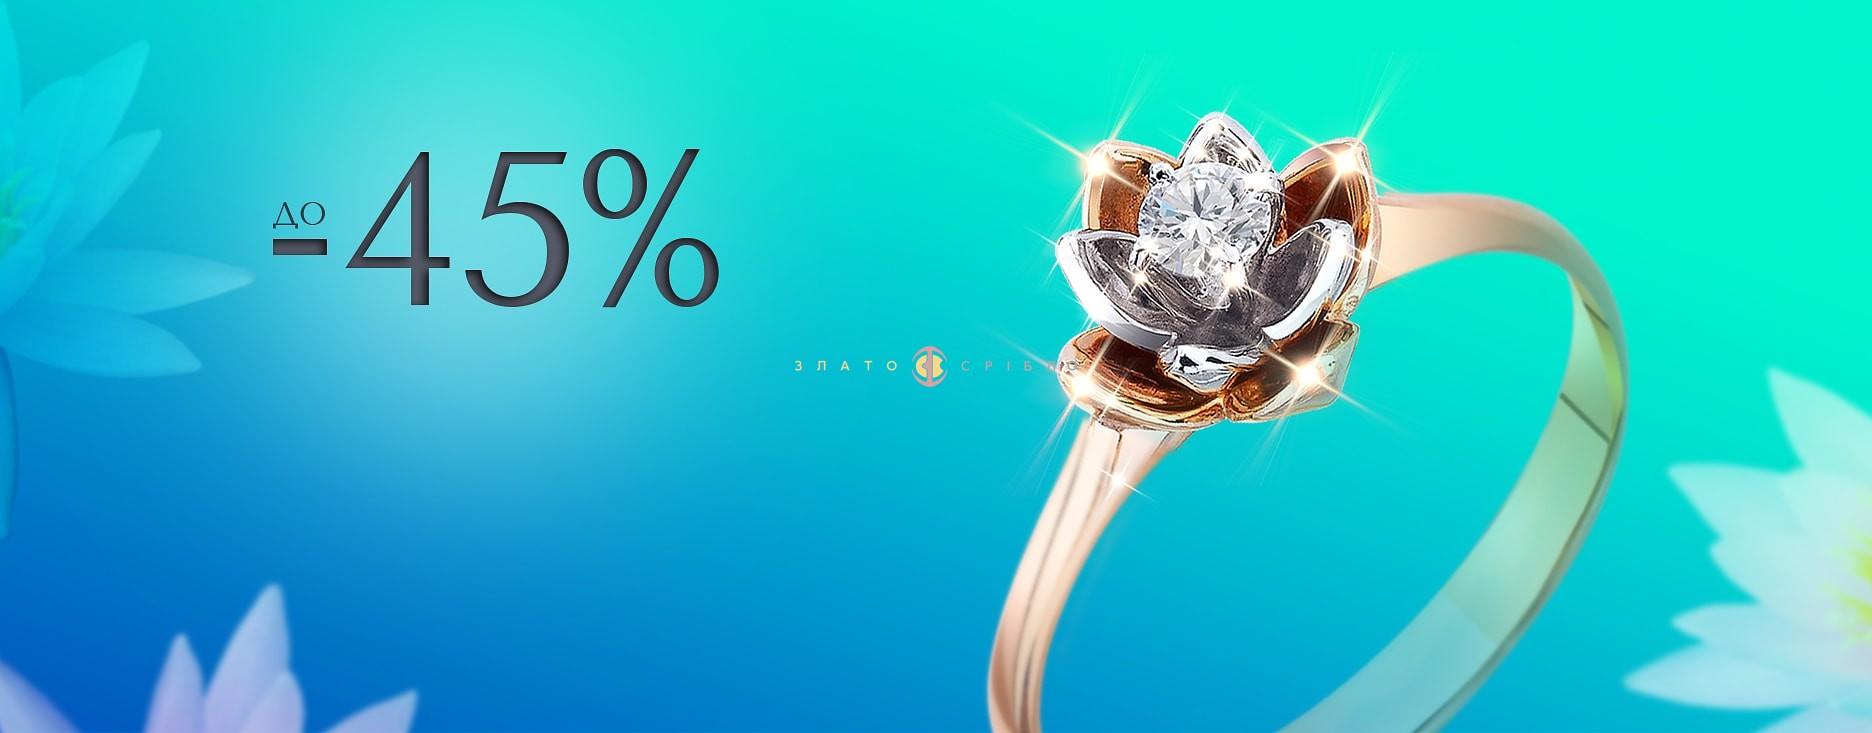 Діамантопадіння